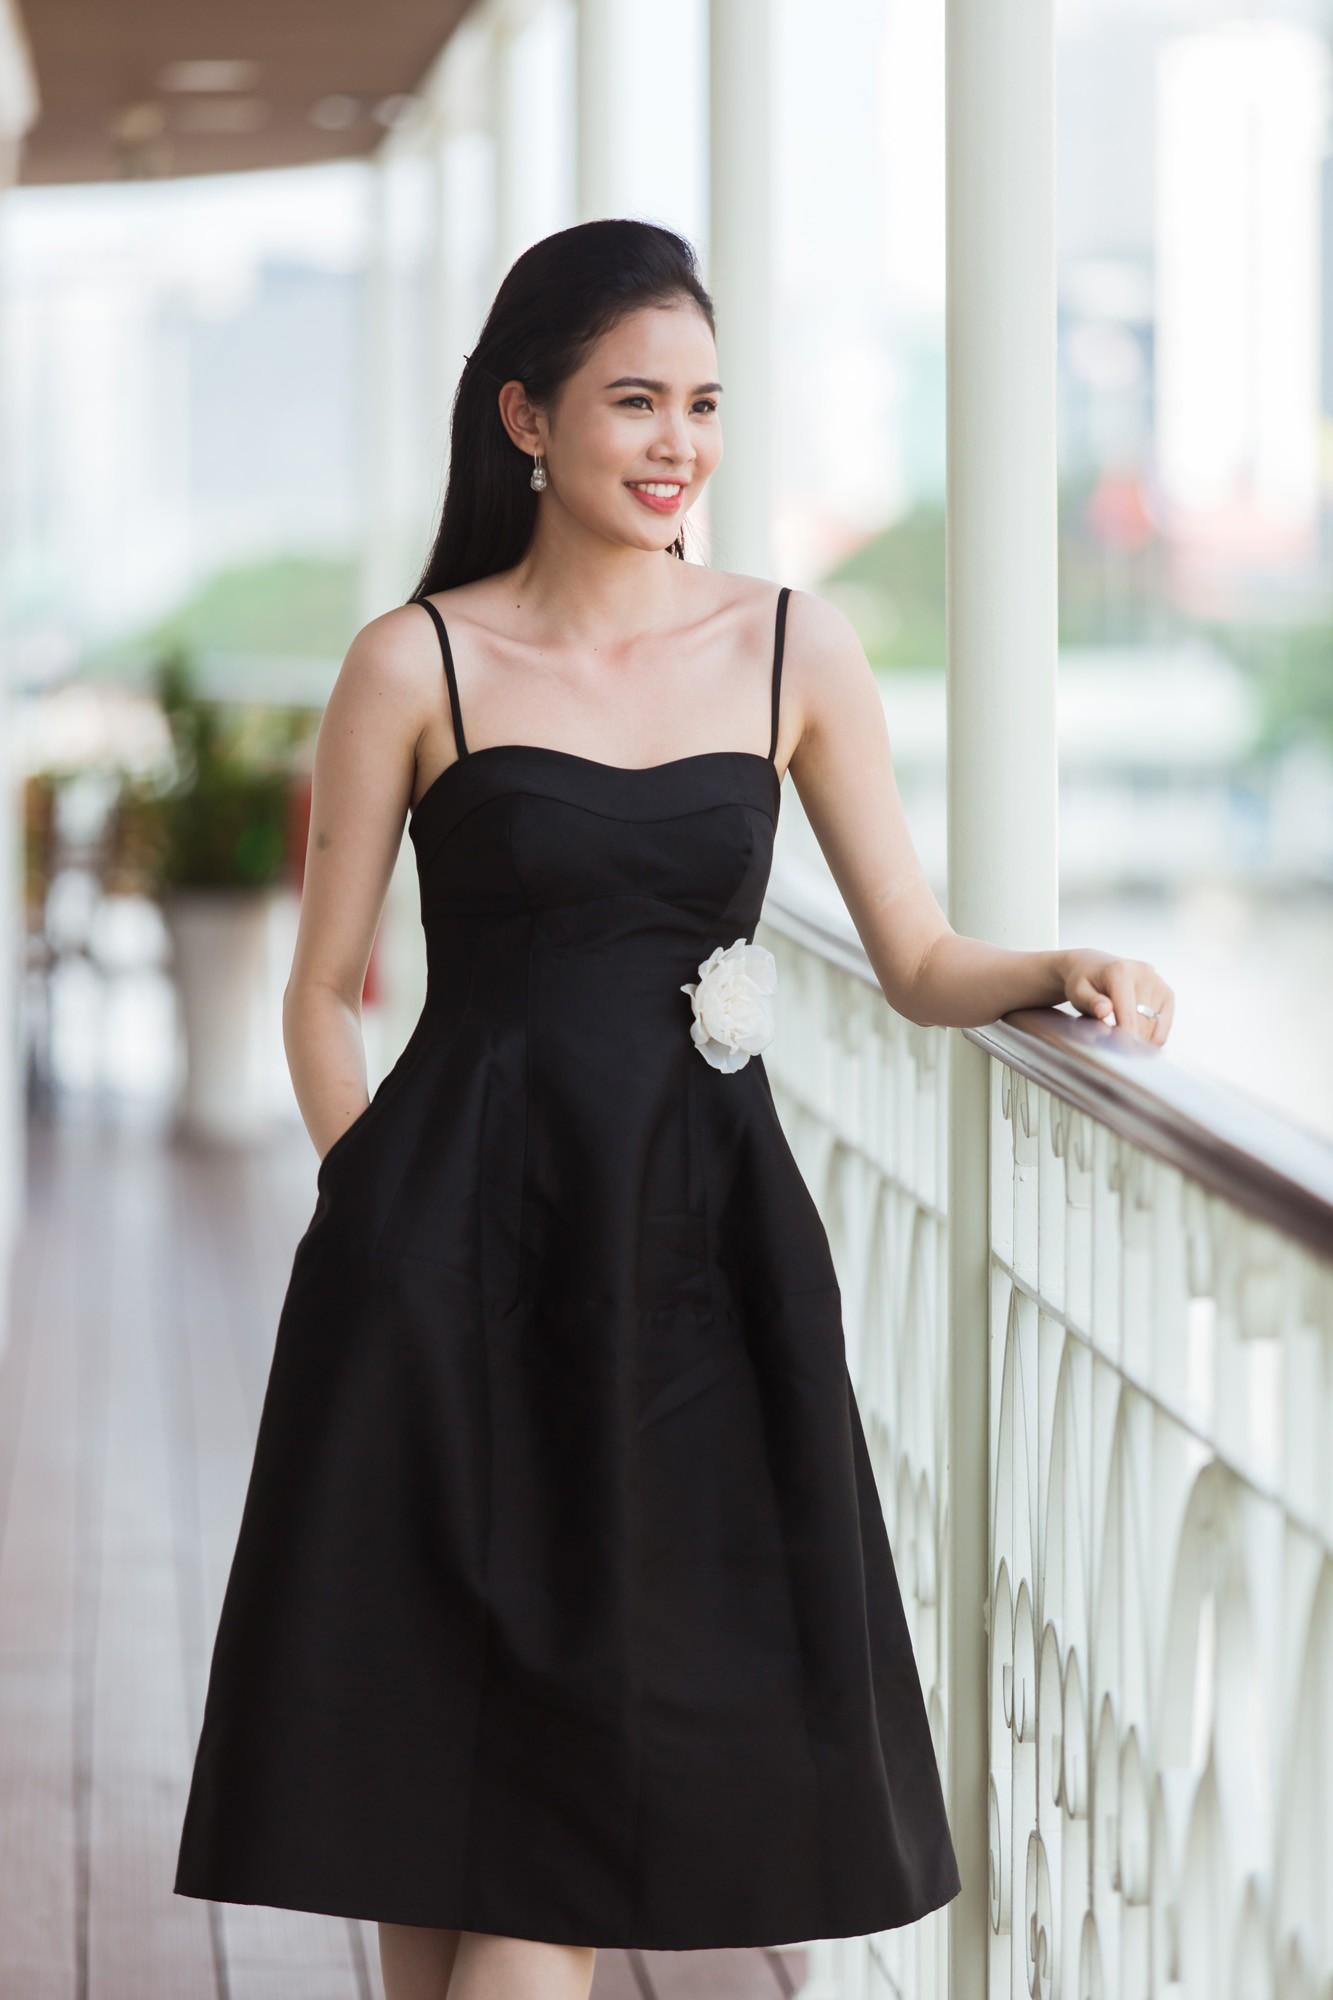 Từ cô Hoa hậu bị hoài nghi, Tiểu Vy hôm nay đứng trước Top thí sinh Miss World đầy bản lĩnh và thần thái - Ảnh 14.